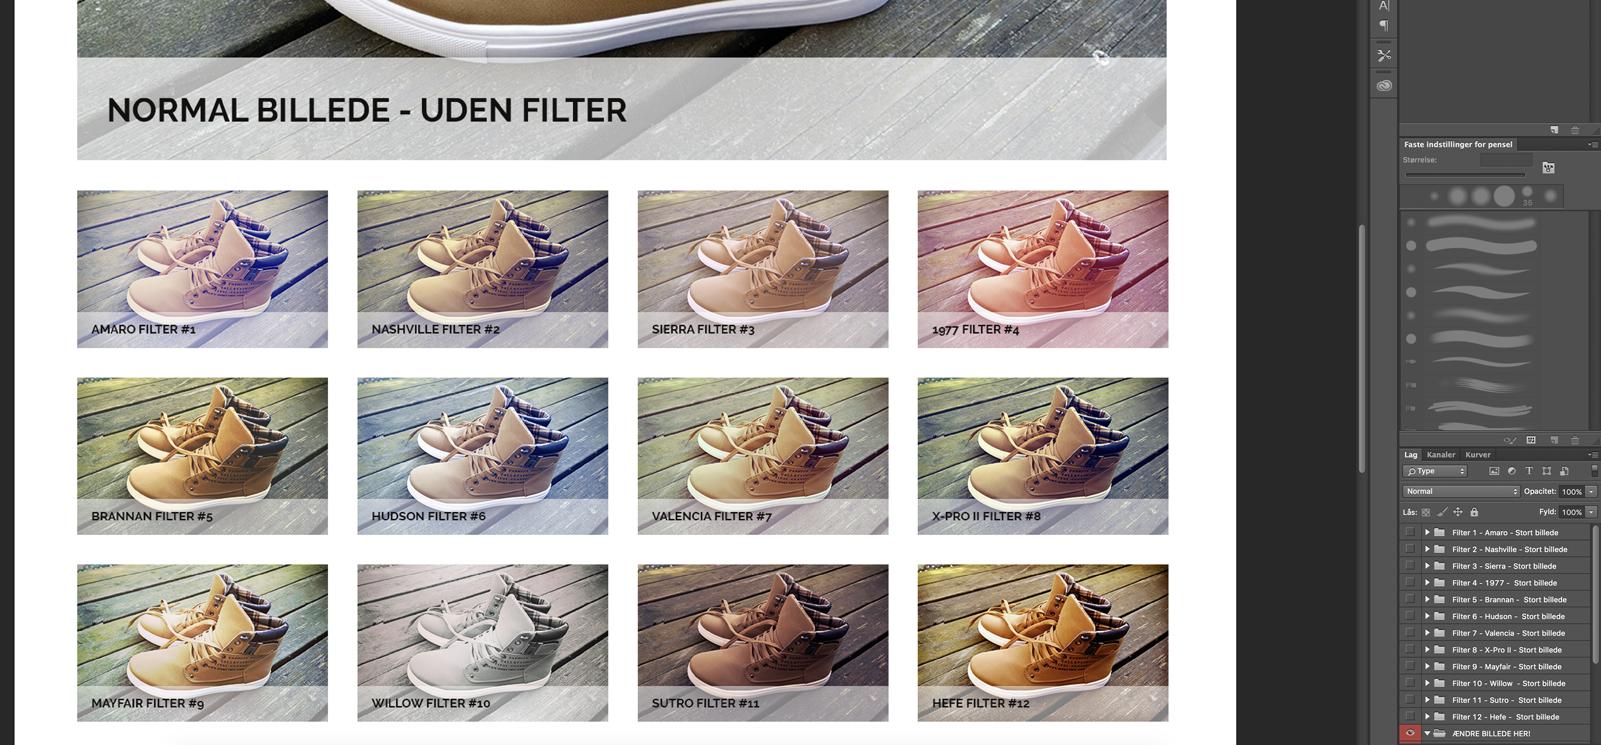 Trin 11 - finde filter du vil bruge/redigere